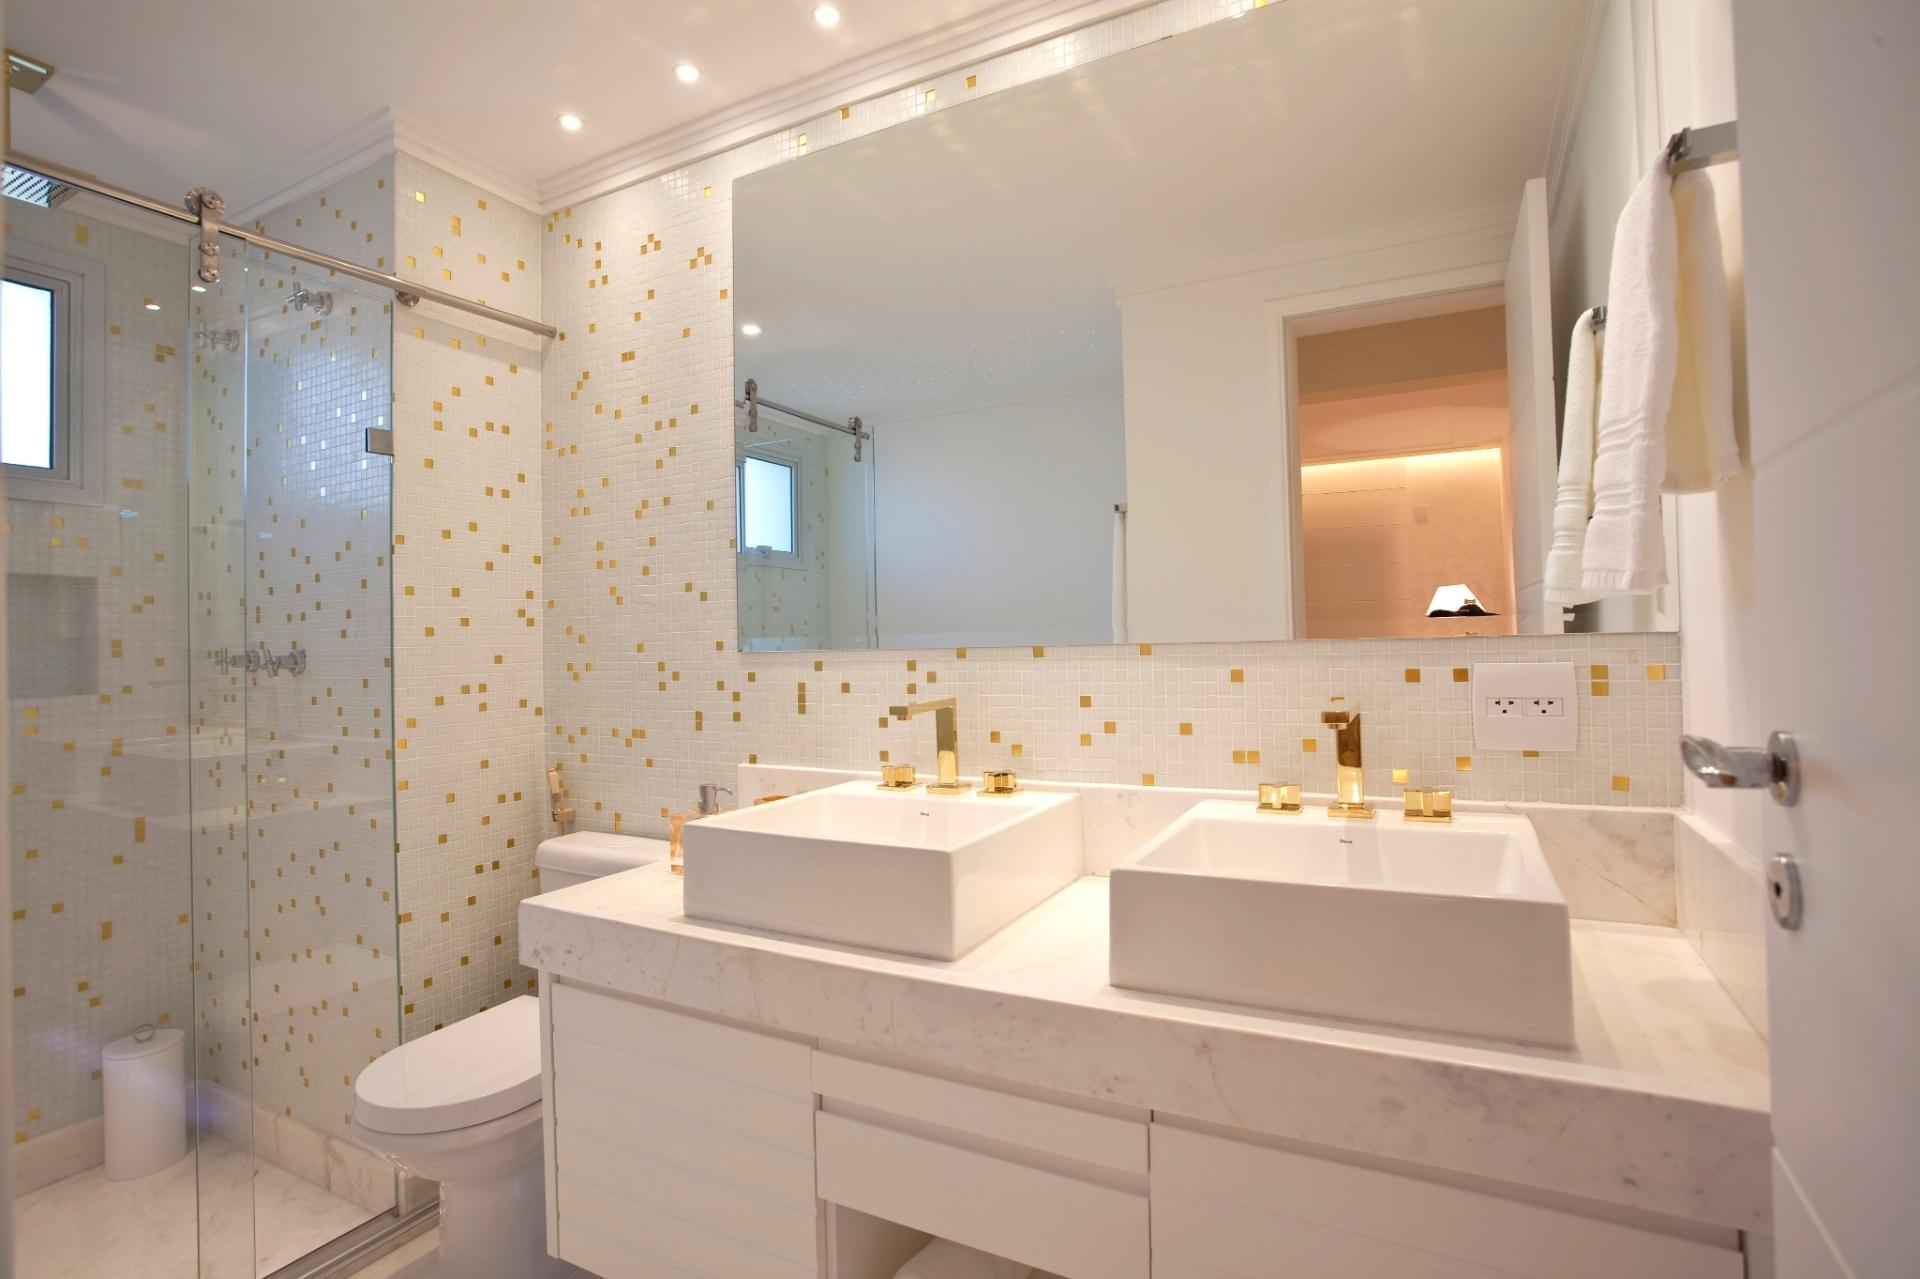 Pastilhas e metais dourados dão o leve toque clássico ao banheiro de #926839 1920x1279 Banheiro Amarelo Decorado